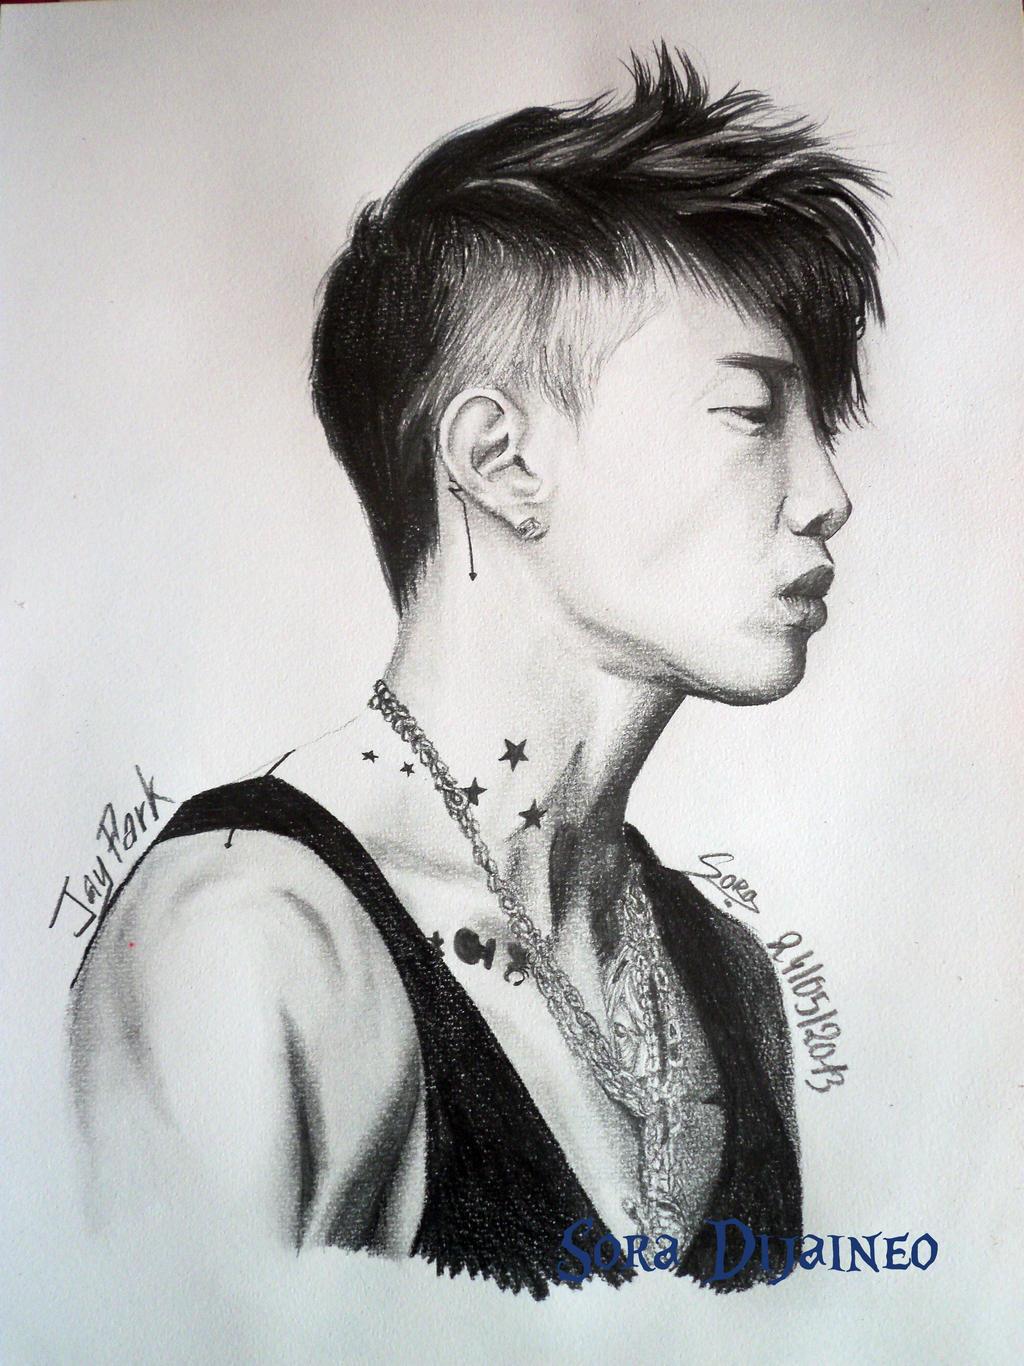 Jay Park By Soradijaineo